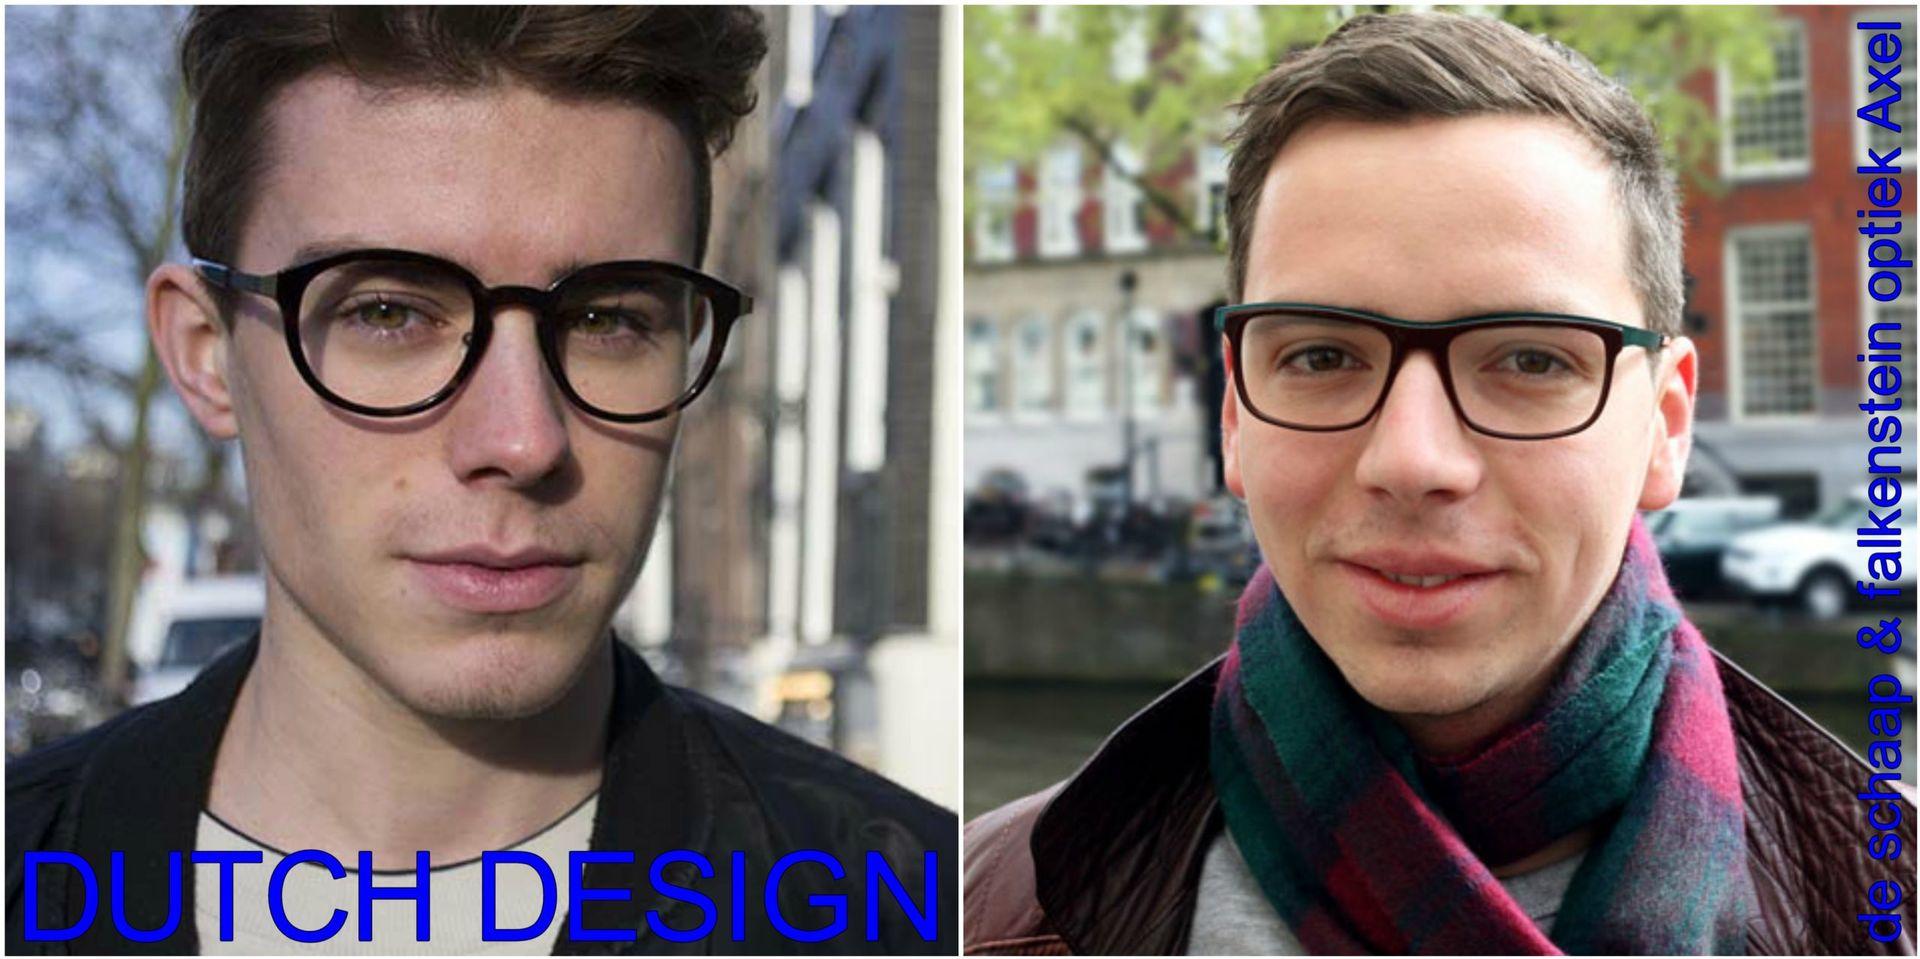 Collage Dutch Design You's 4 - voor website & fb - met winkelnaam